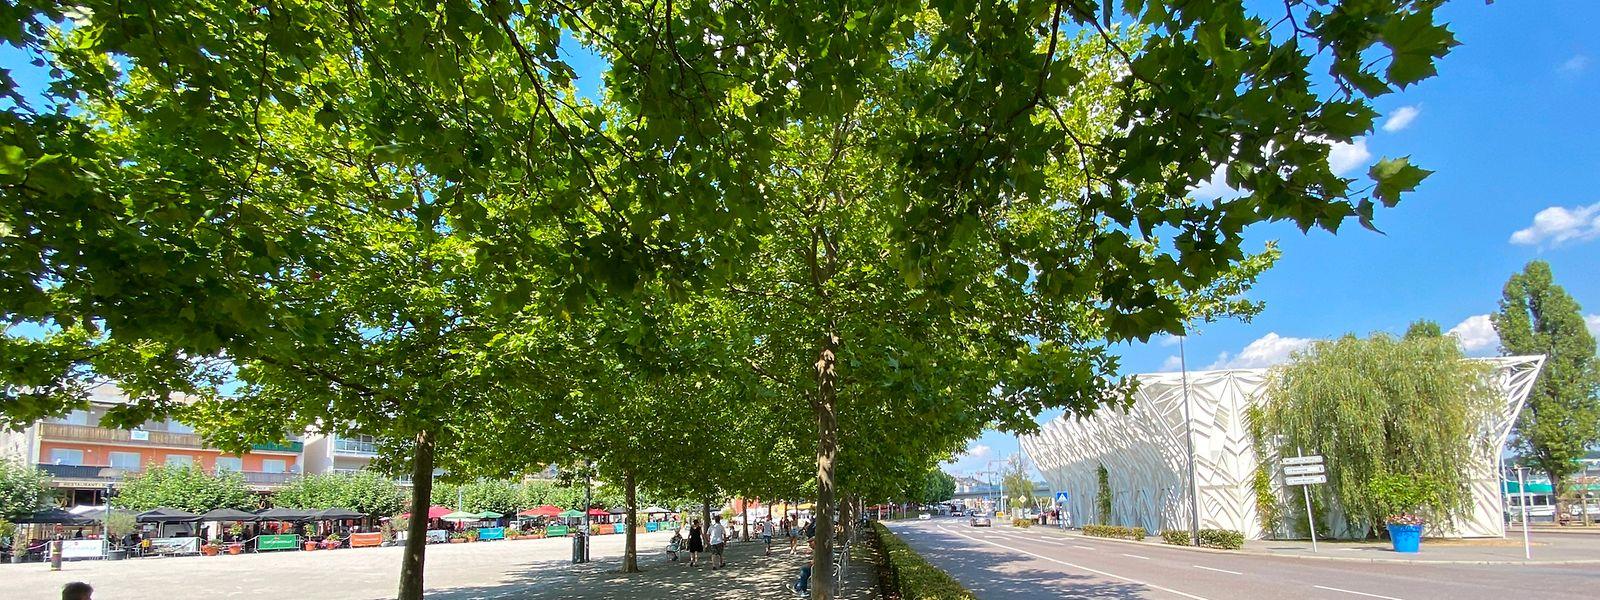 Im Vergleich besteht die Place Kons noch nicht allzu lange. Eröffnet wurde der Platz in Remich 2004.